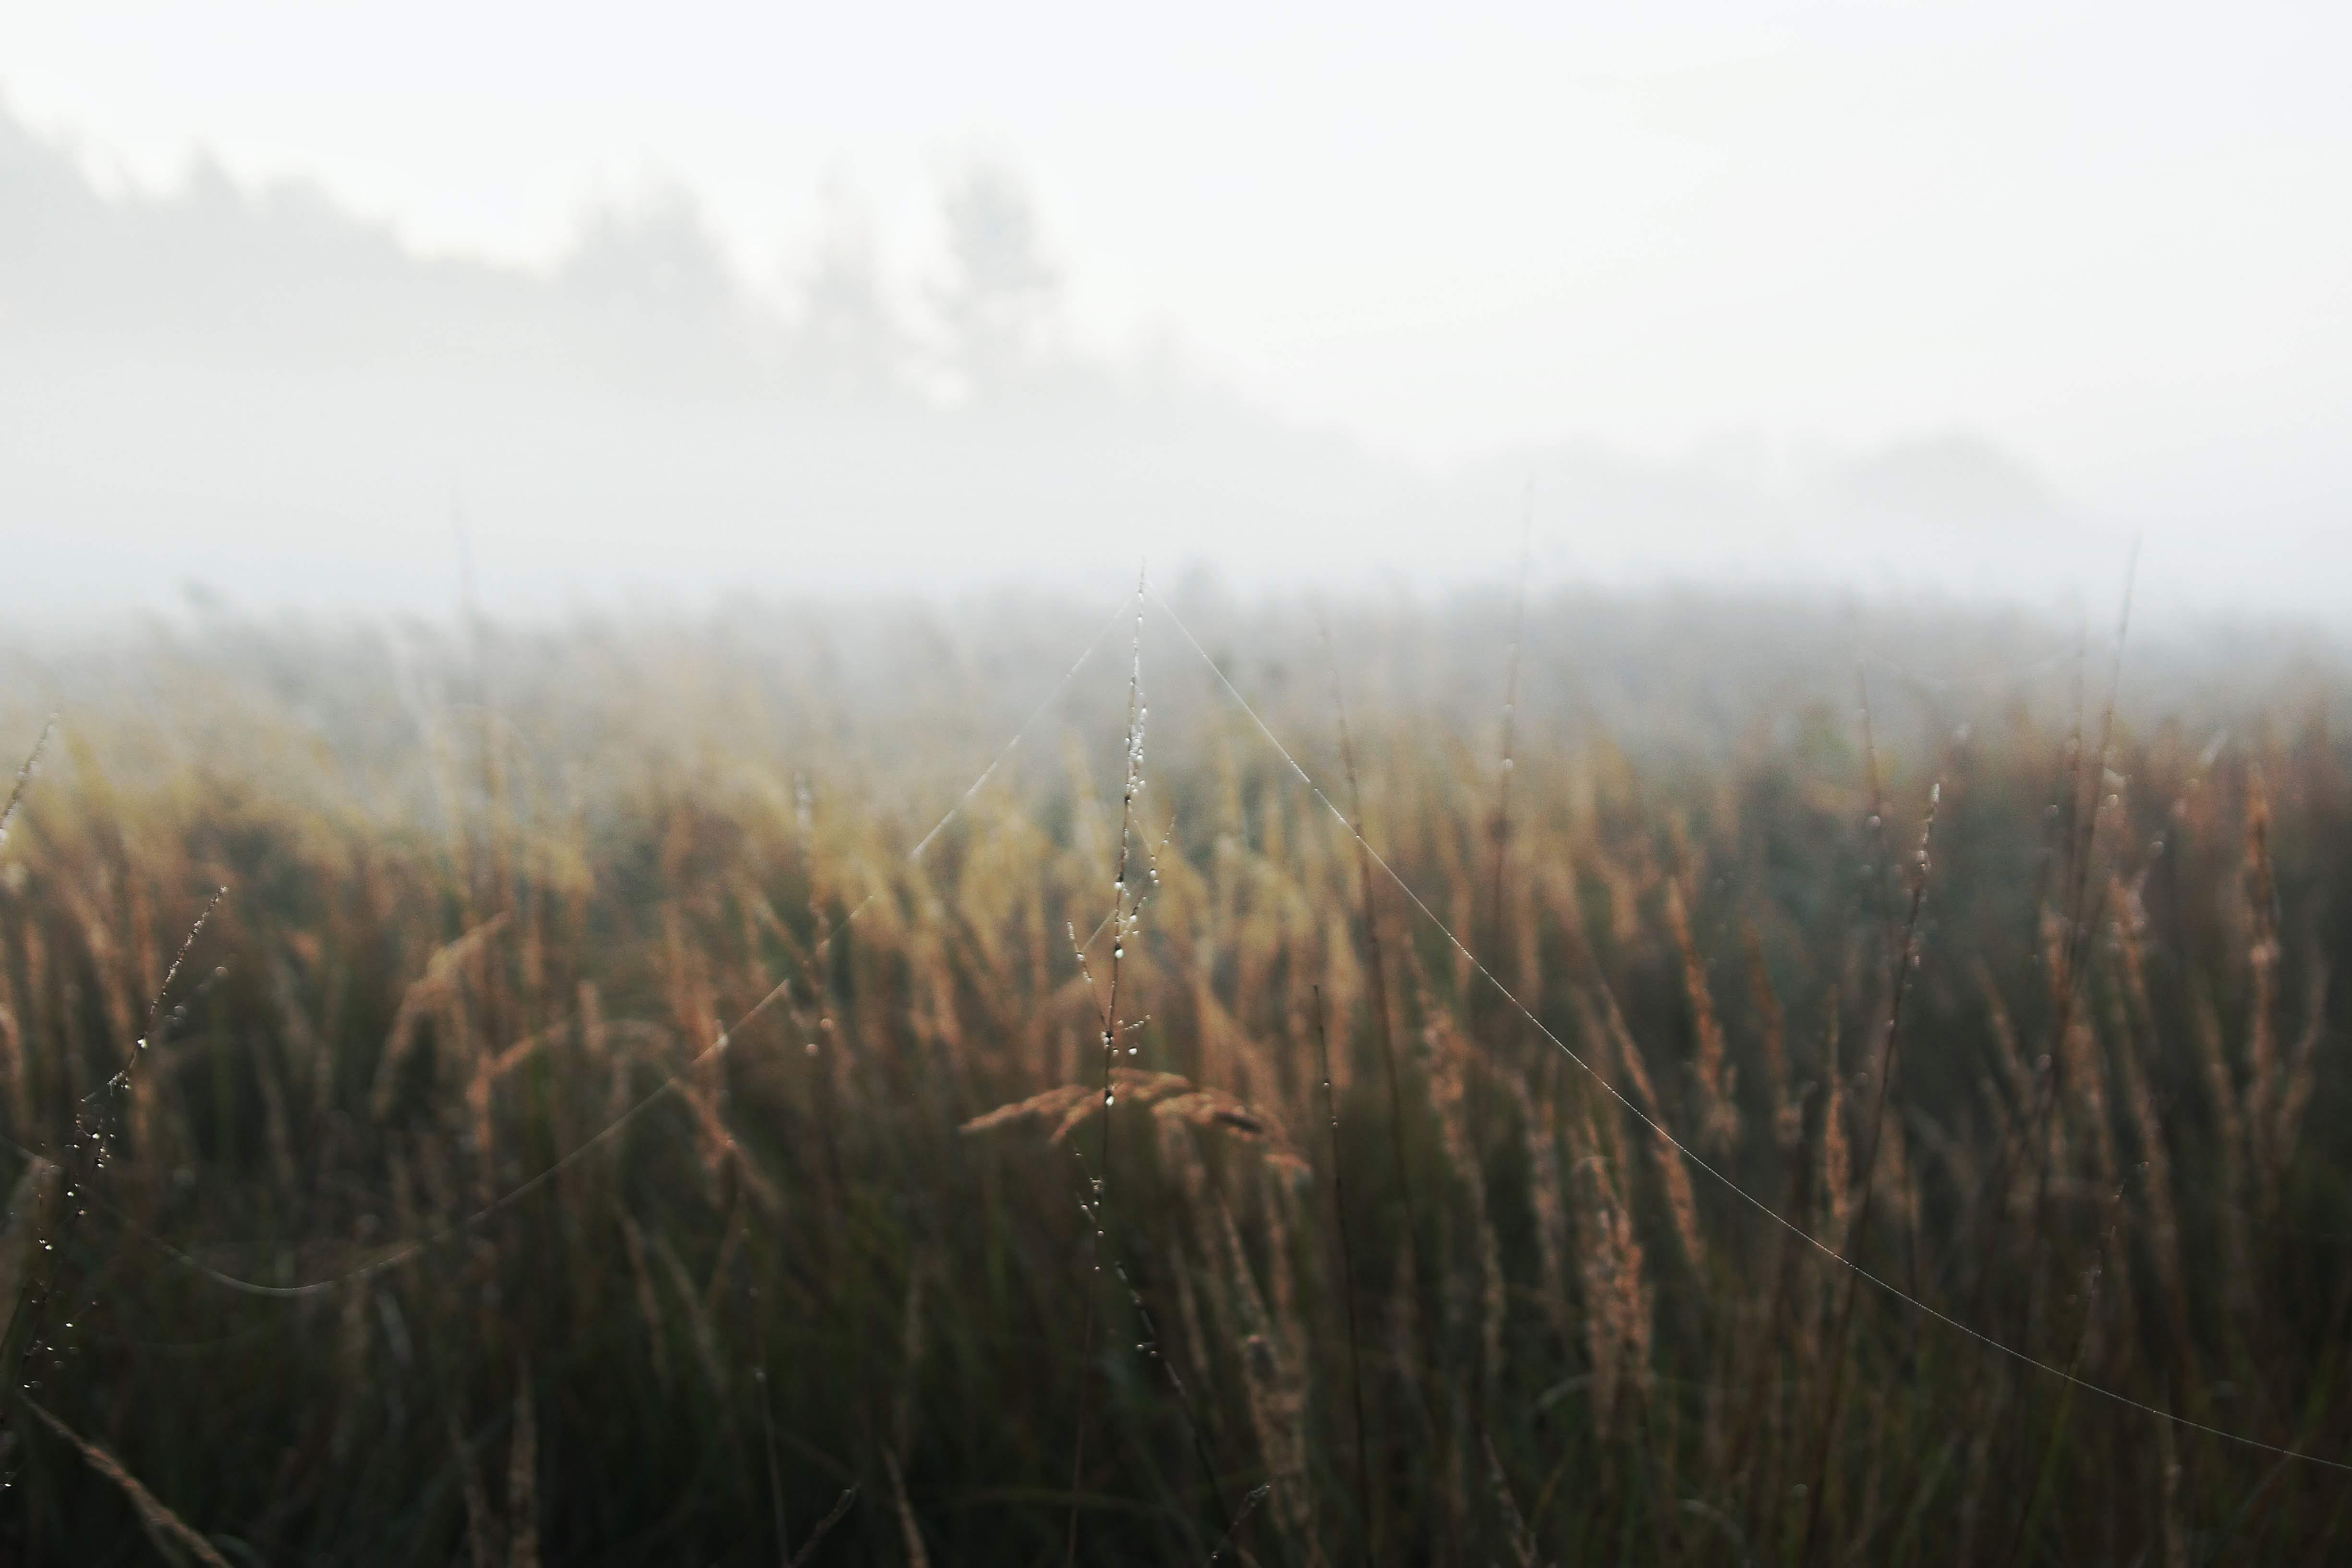 Бесплатное стоковое фото с зерновые, пастбище, паутина, поле